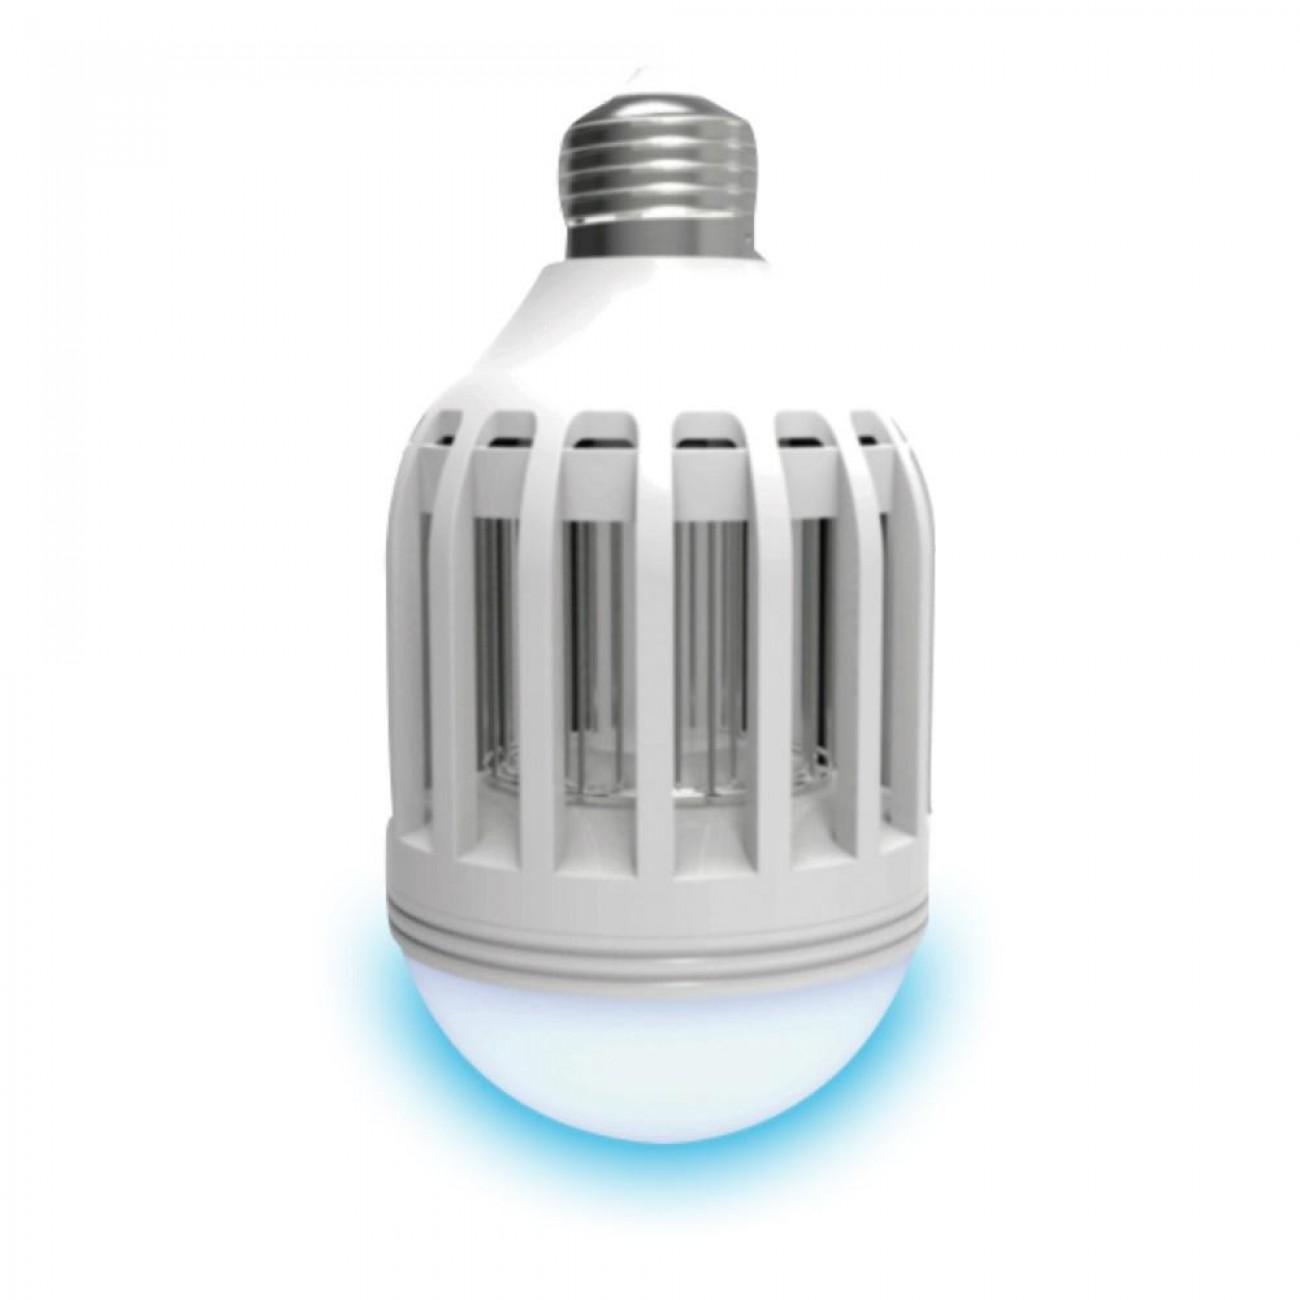 Крушка - лампа против комари SAPIR SP 8000 MQ10E27, LED, 10W,  3 режима на работа в Крушки - SAPIR | Alleop